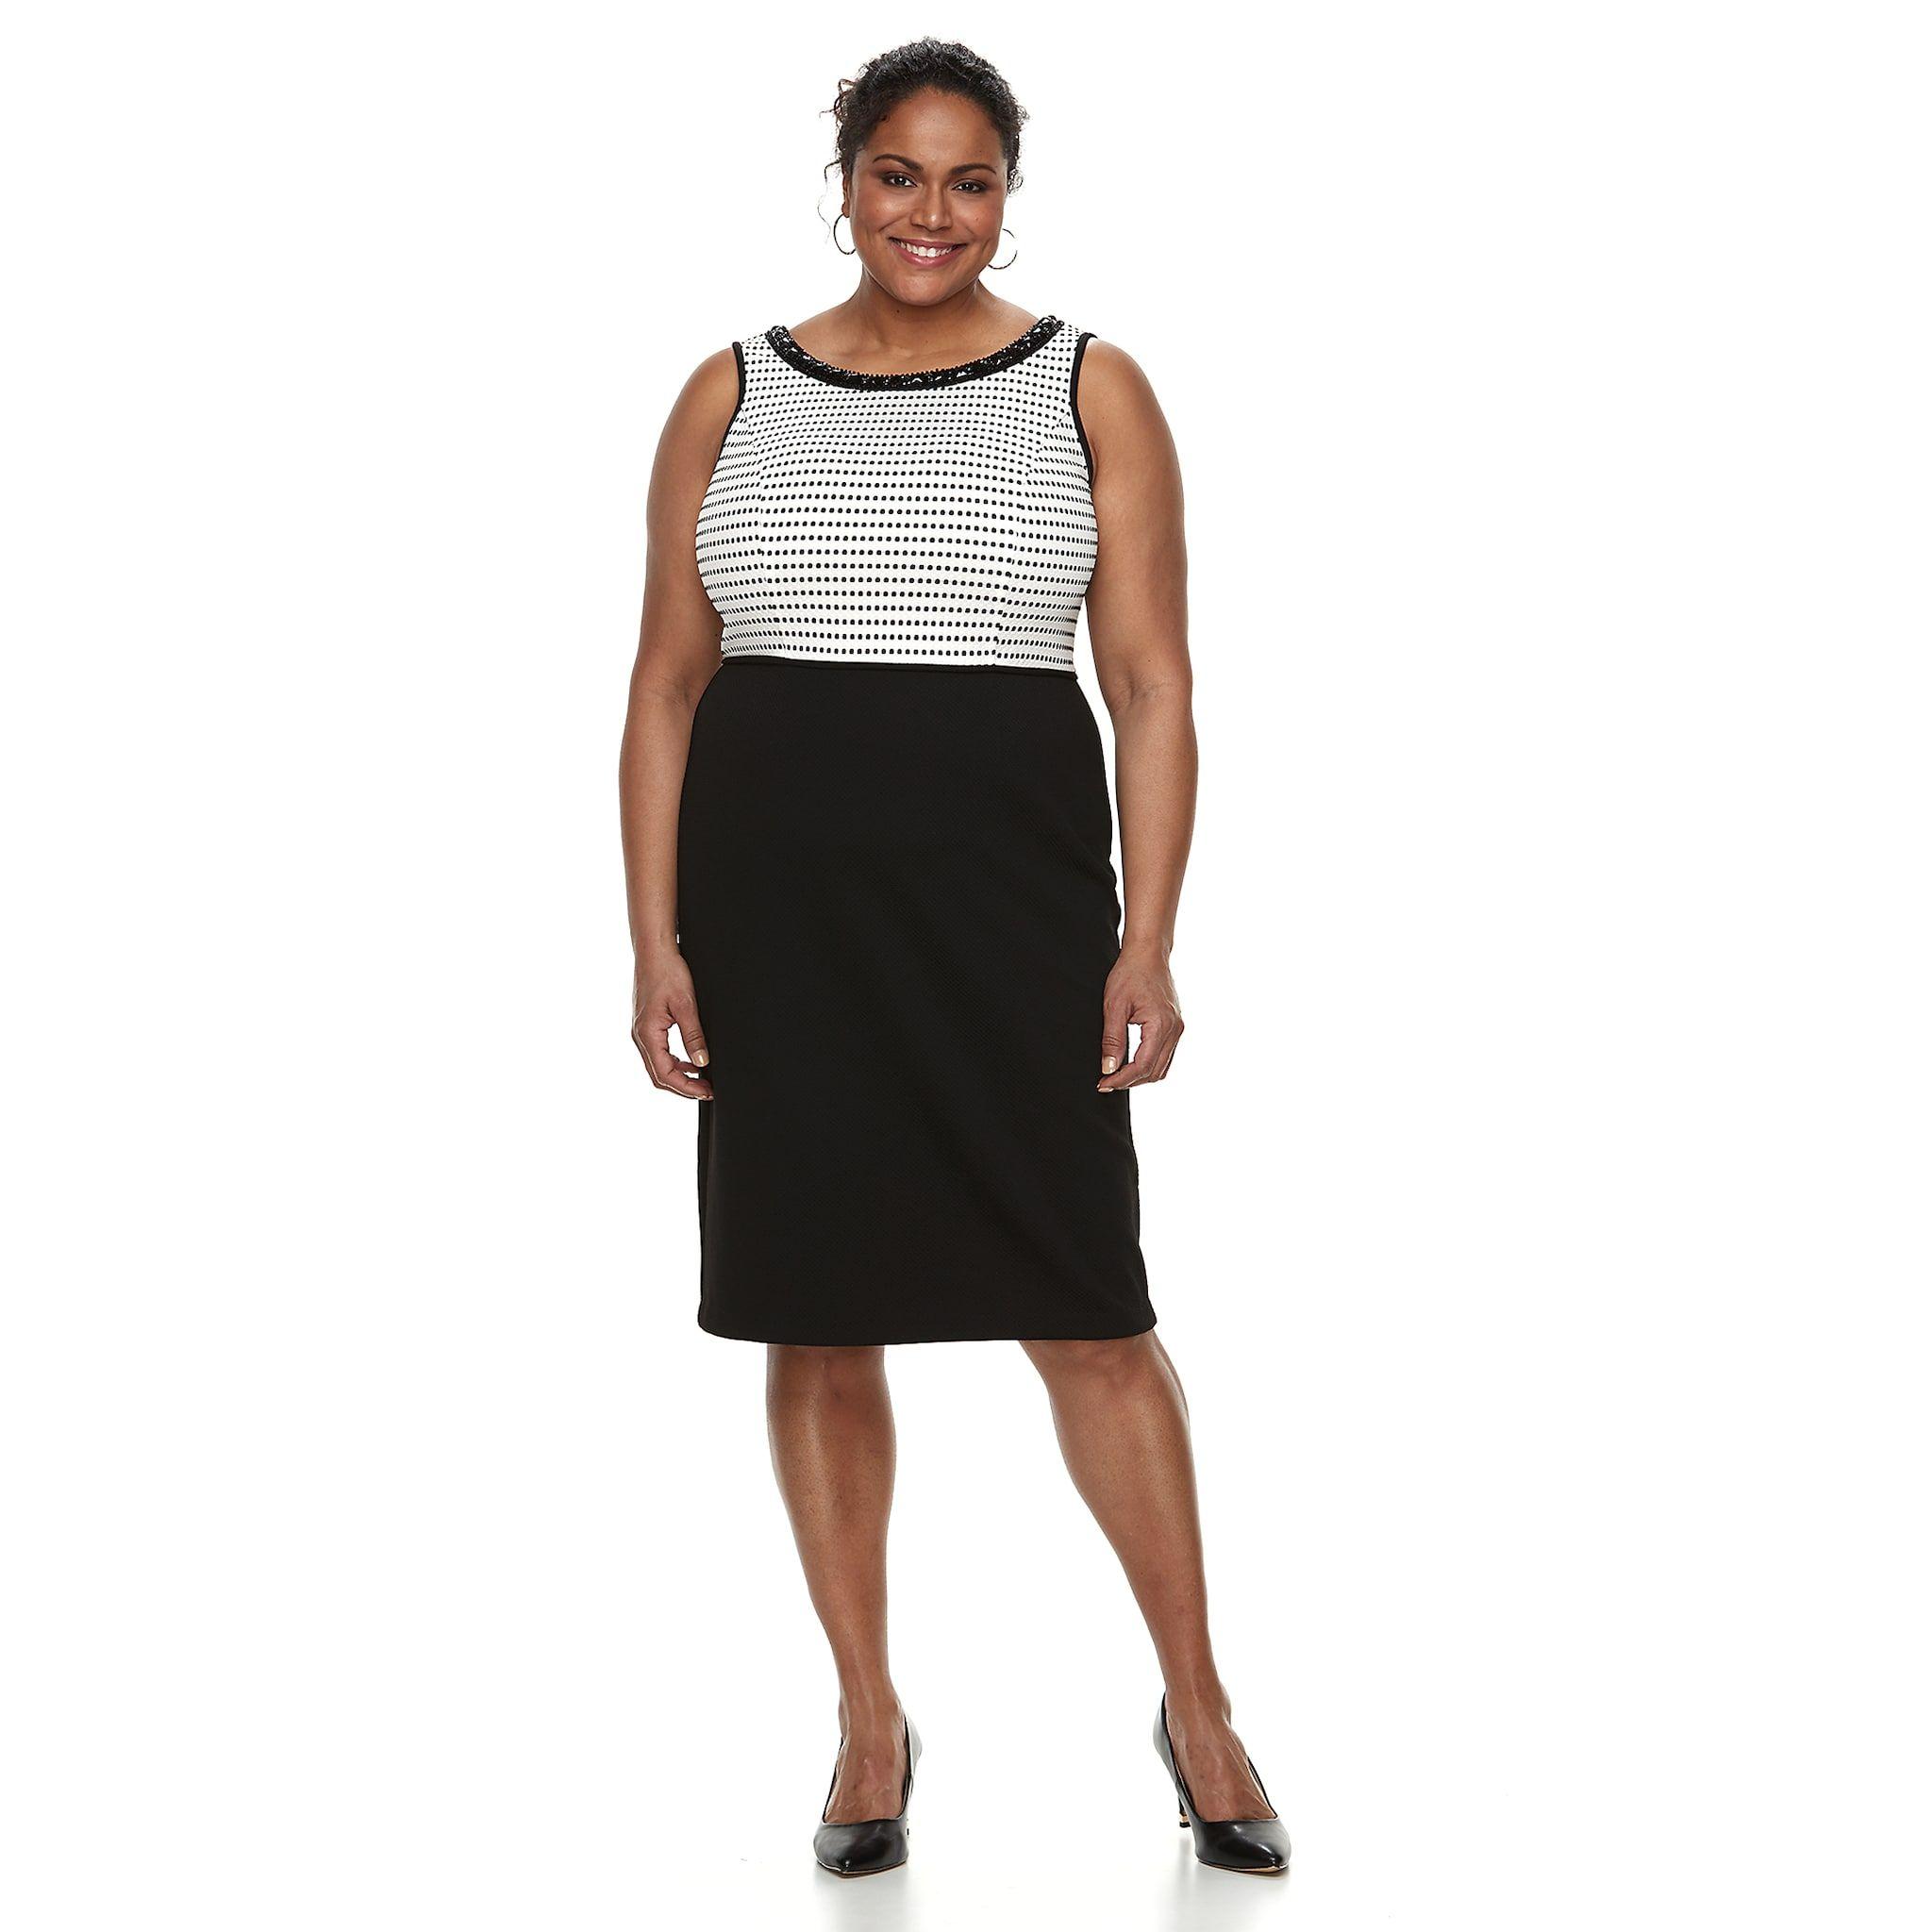 a29f9a4b0b2 Plus Size Maya Brooke Colorblock Dress   Jacket Set  Brooke